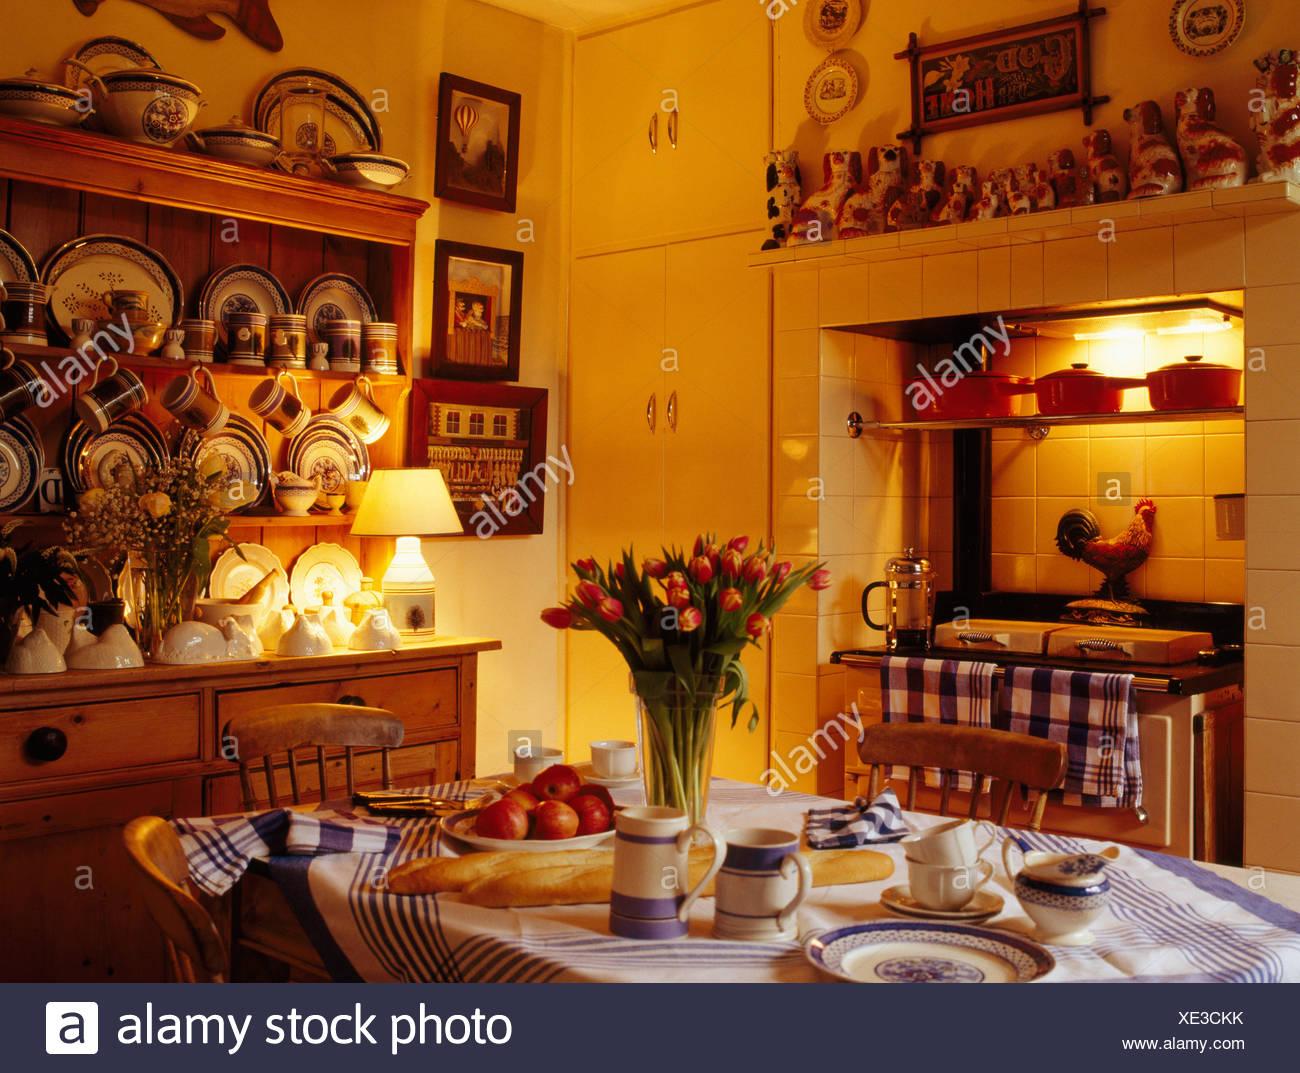 Full Size of Landhaus Küche Lampe Tisch Set Fr Tee In Landhauskche Mit Beleuchteten Auf Der Rolladenschrank Rollwagen Pendelleuchten Miniküche Kühlschrank Singelküche Wohnzimmer Landhaus Küche Lampe